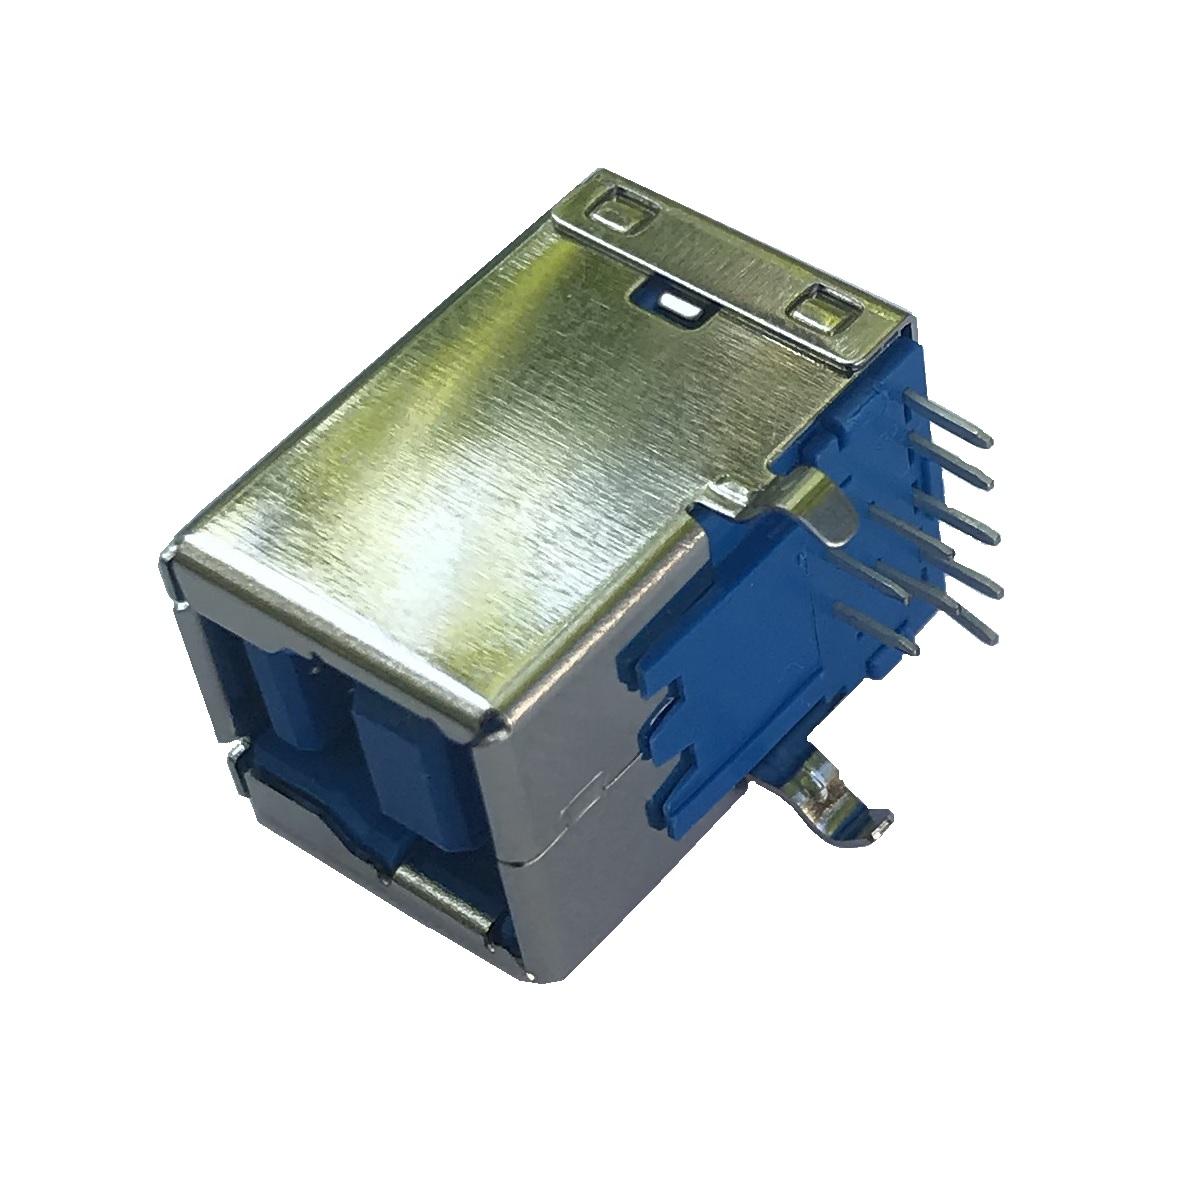 USB3.0-148F